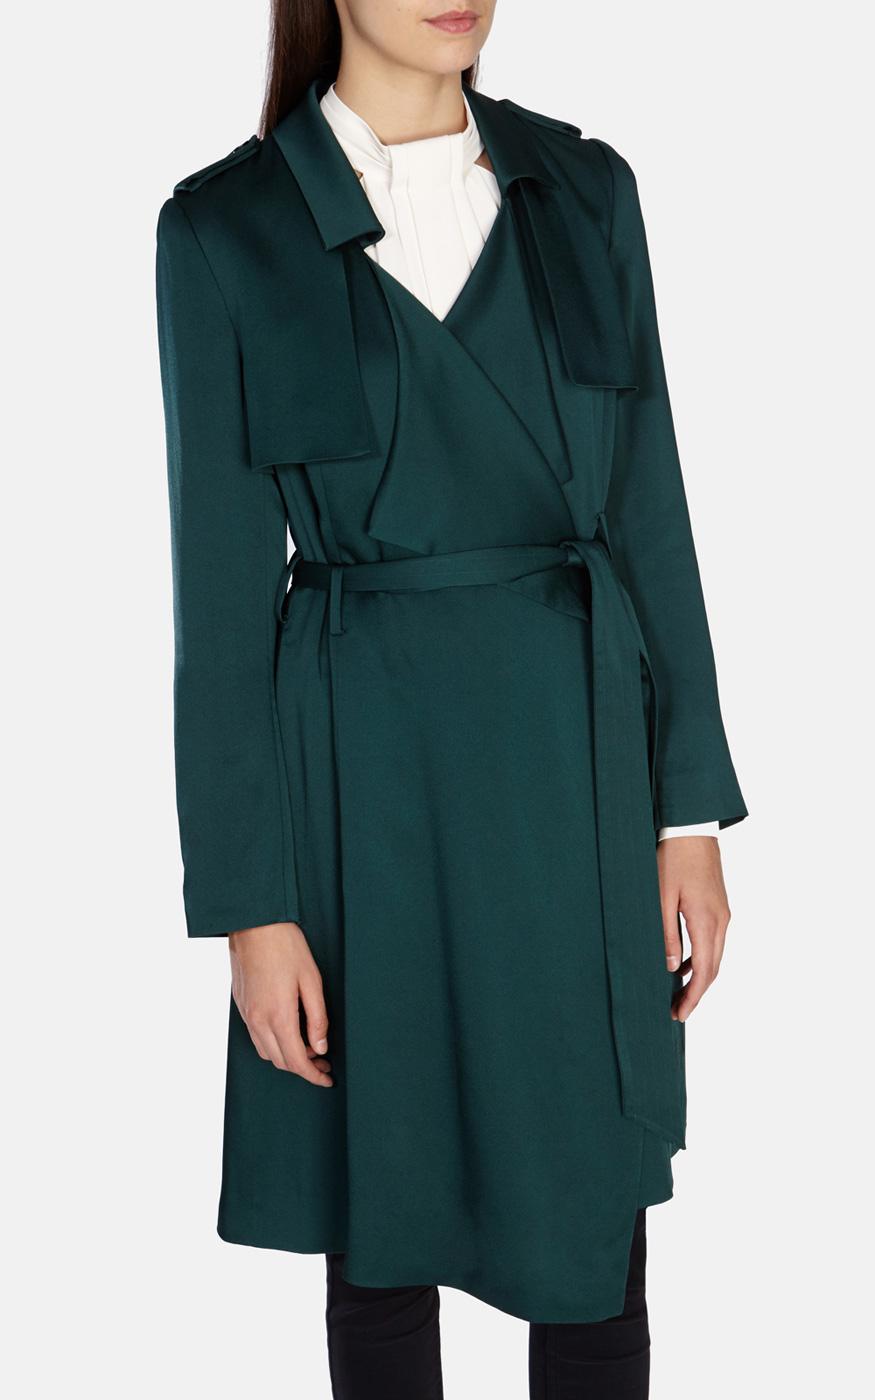 Karen Millen Fluid Satin Trench Coat In Green Lyst